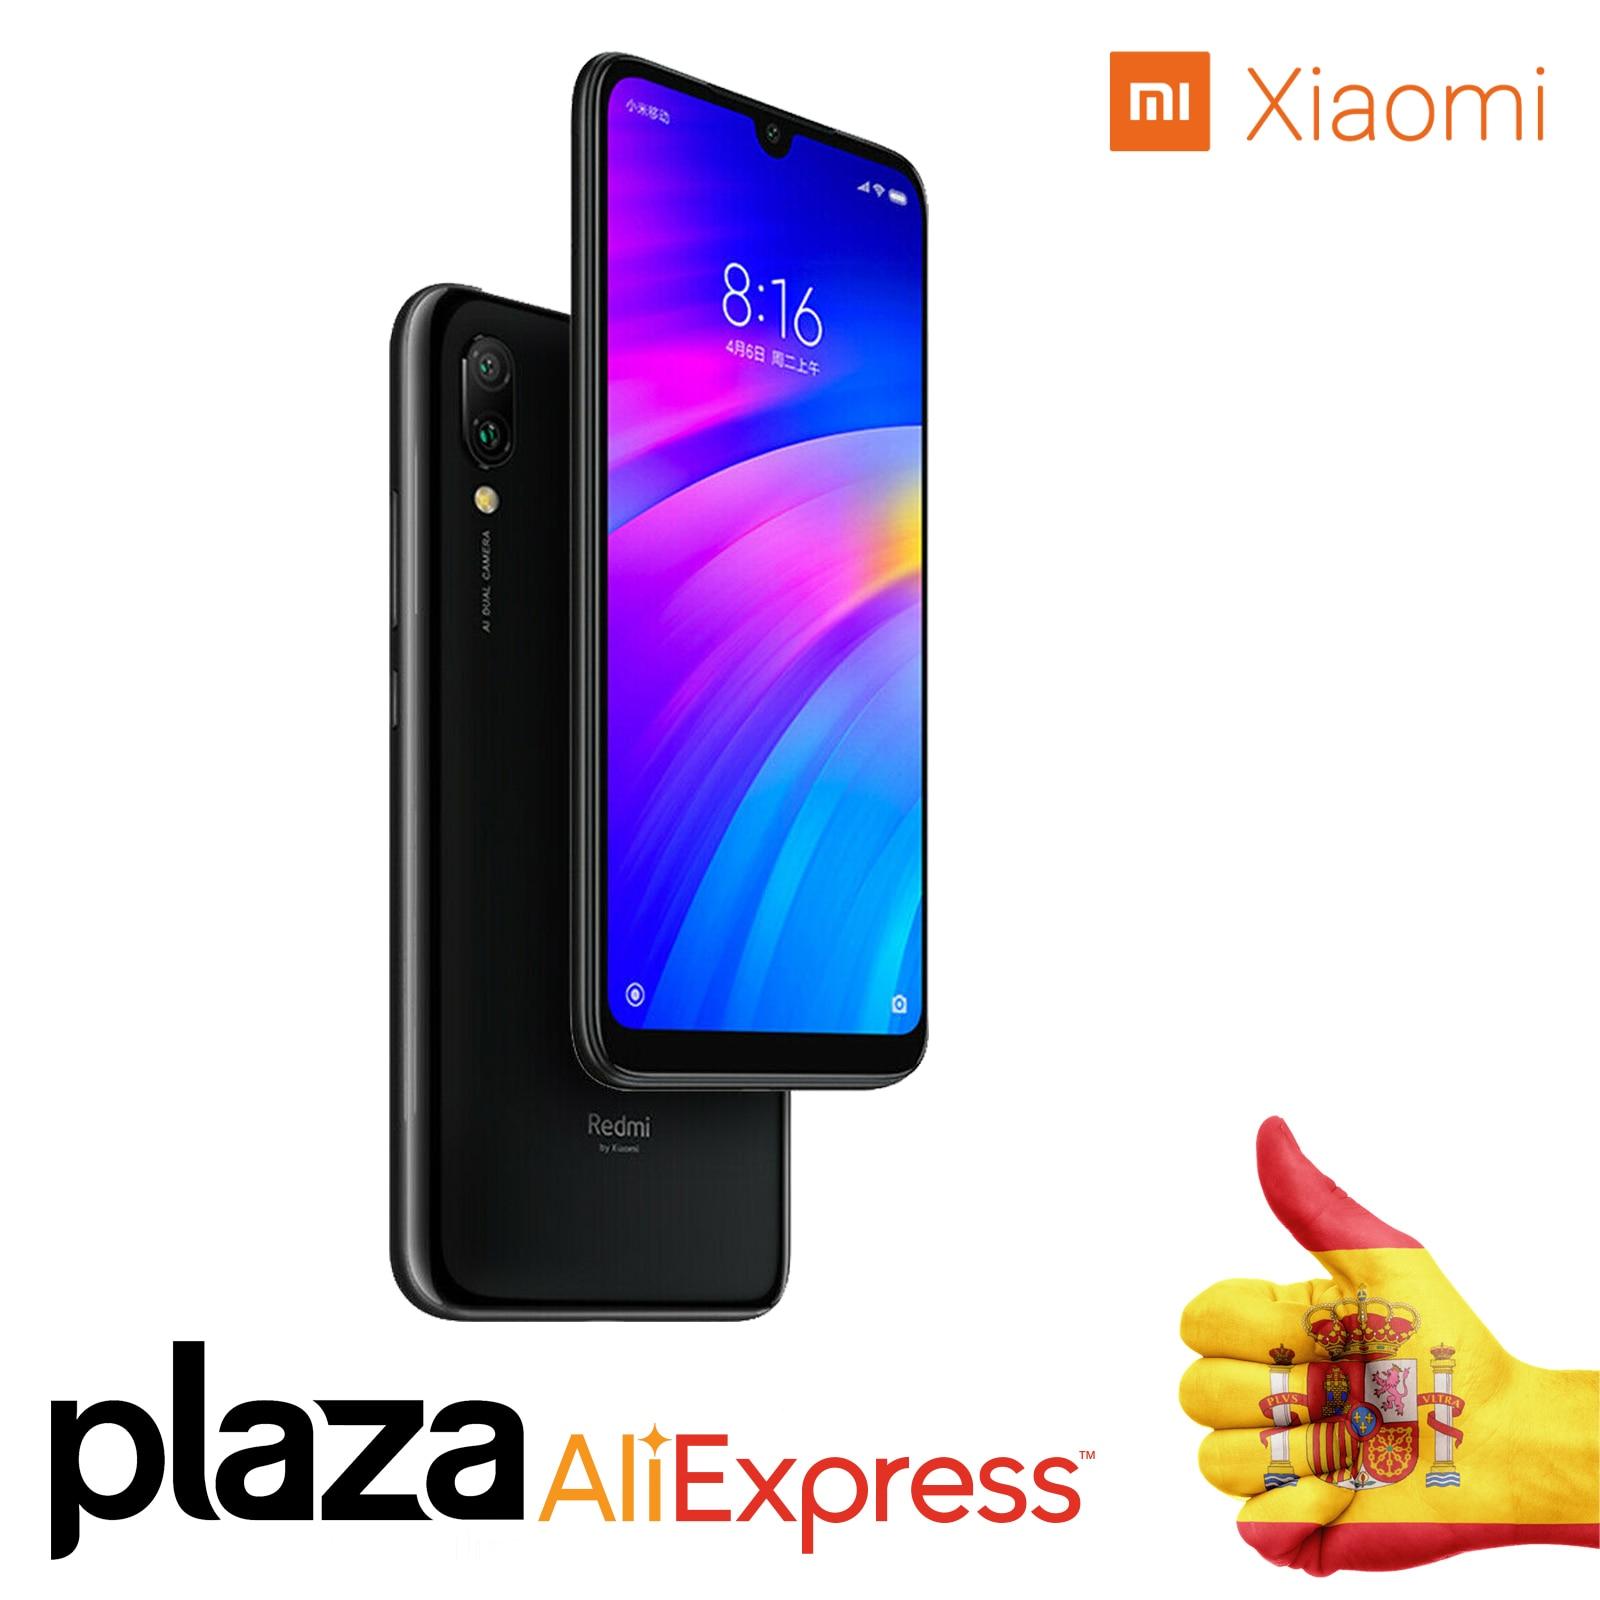 Version mondiale Xiao mi rouge mi 3 7 go dur 32 go dur Snapdragon 632 Octa Core 4000 mAh AI cher téléphone mobile déverrouiller 6,26